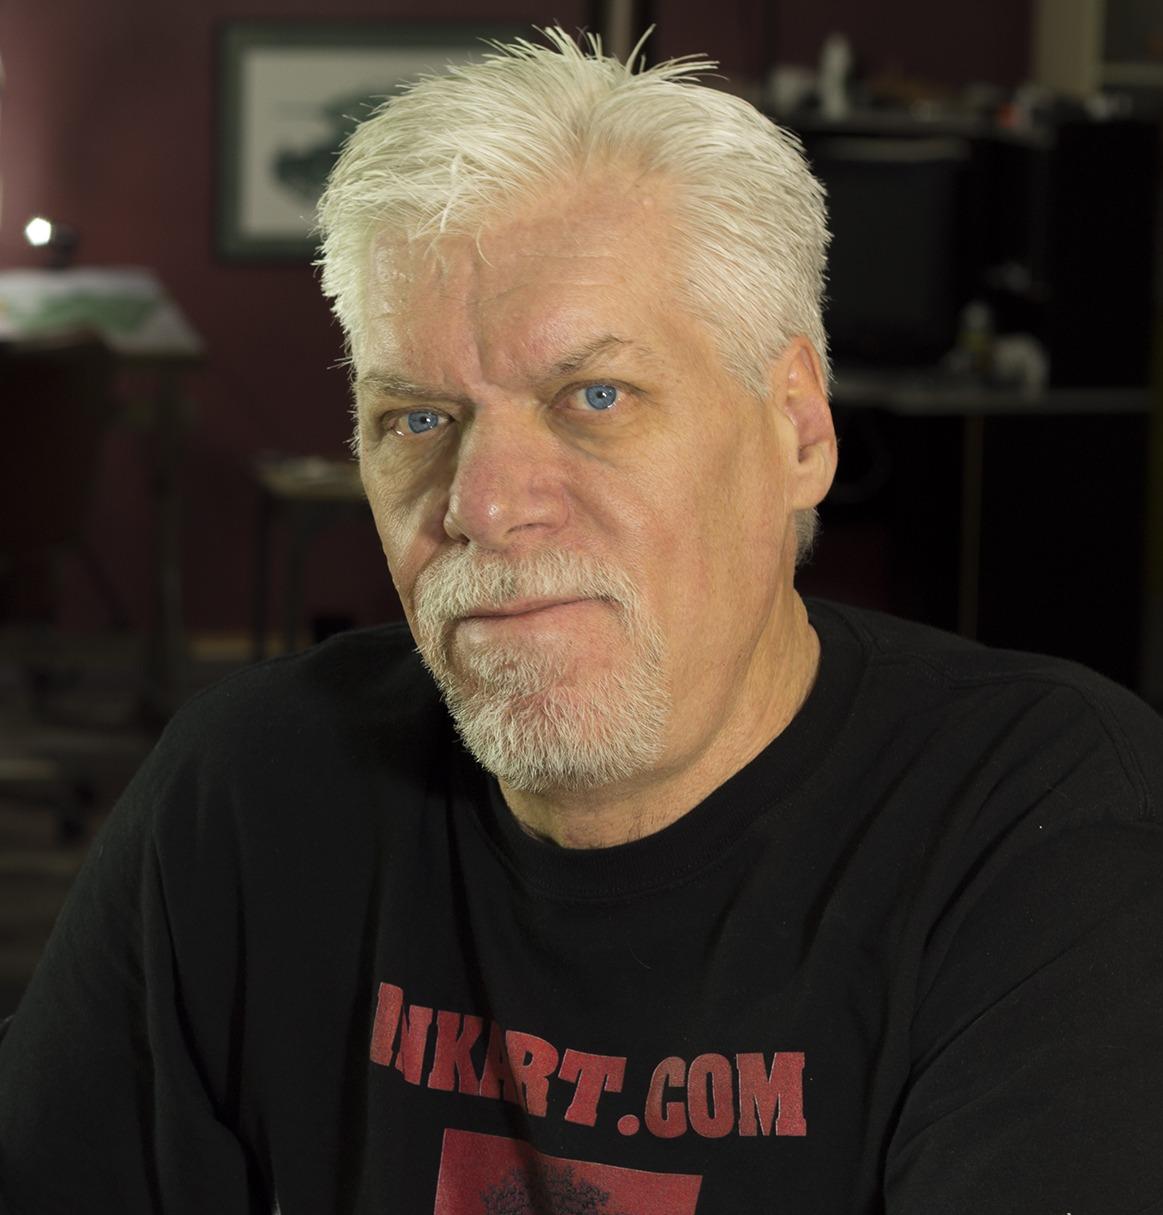 Michael Halbert